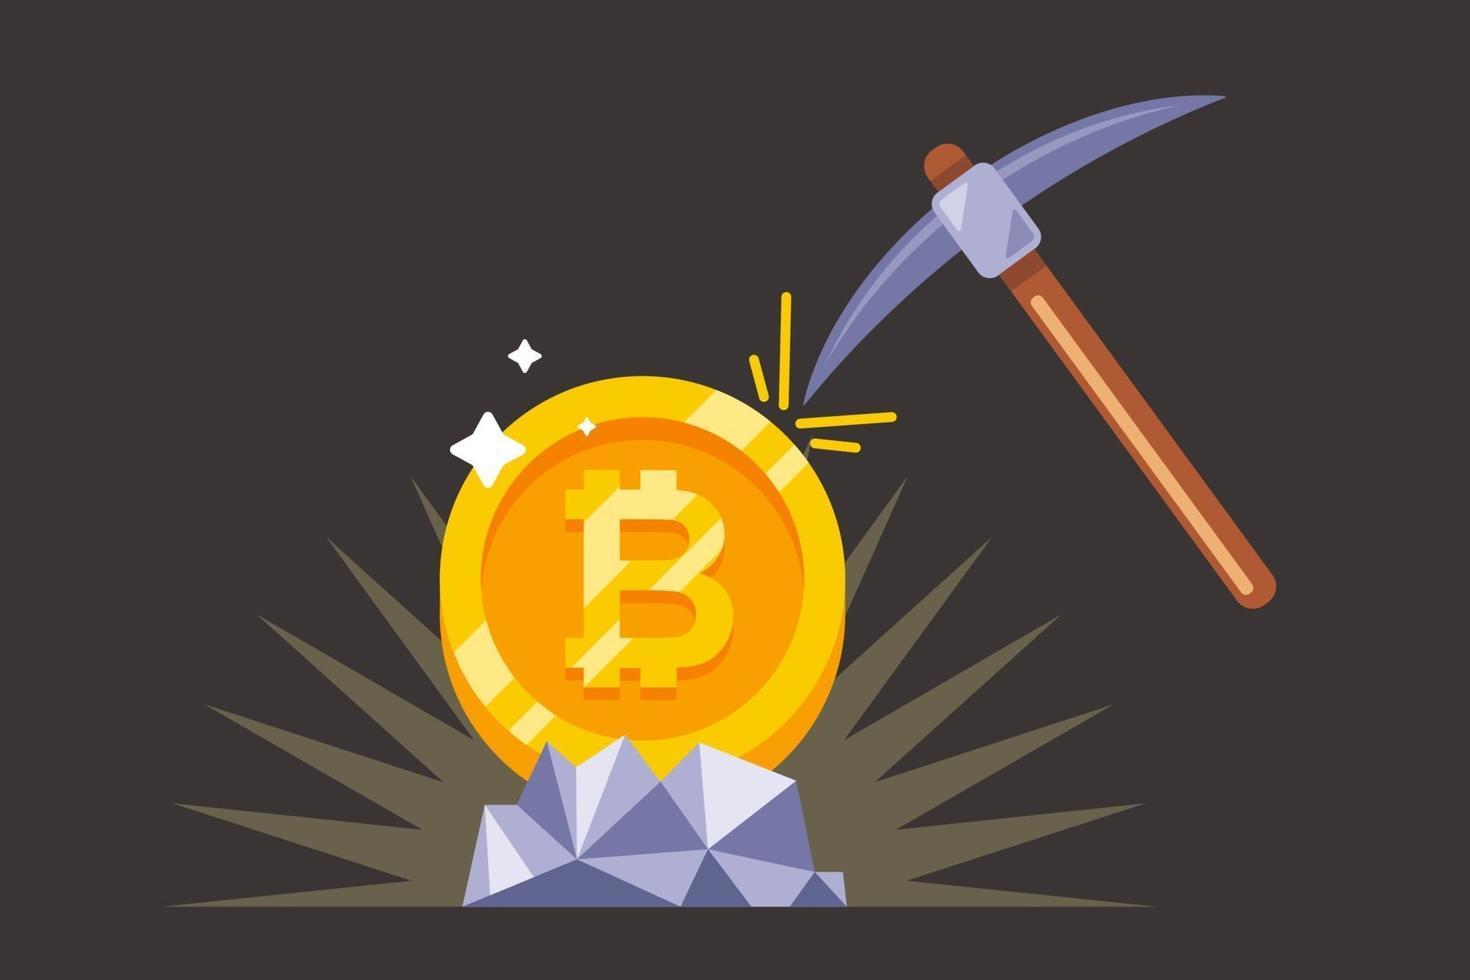 mining di bitcoin con un piccone nella miniera. illustrazione vettoriale piatta.